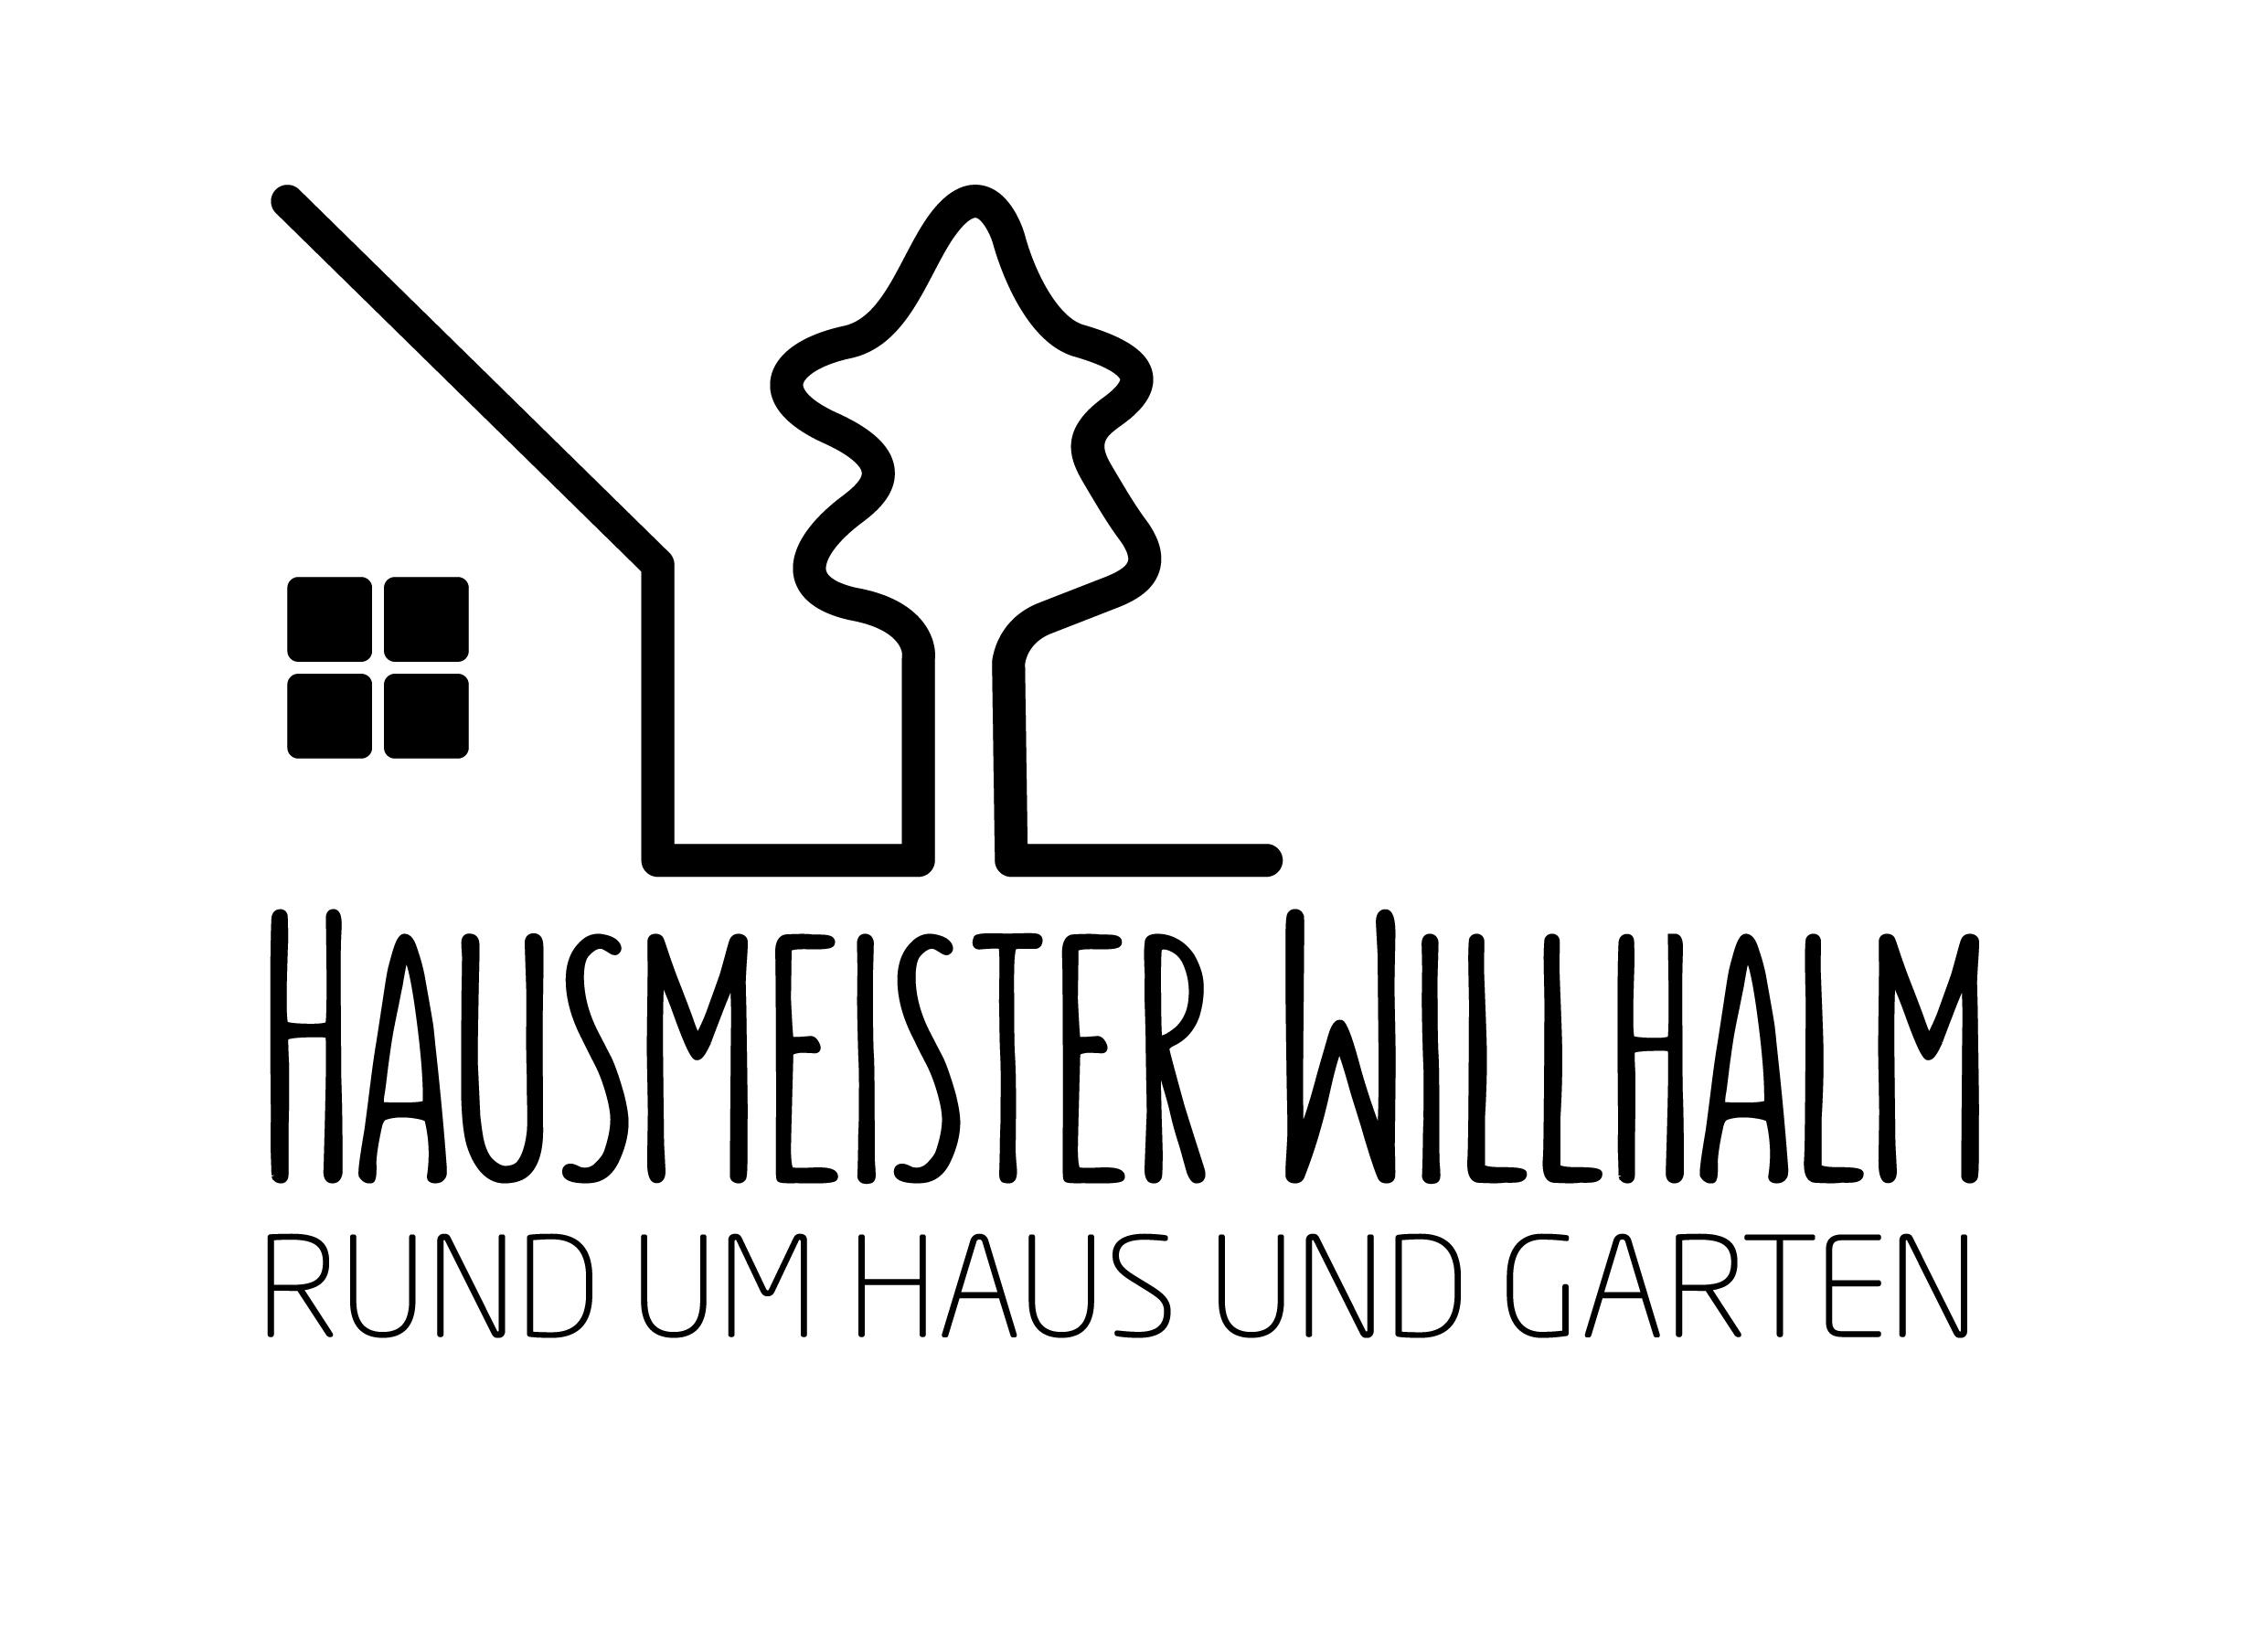 Top Hausmeisterservice und Heimatservice Willhalm #FL_19